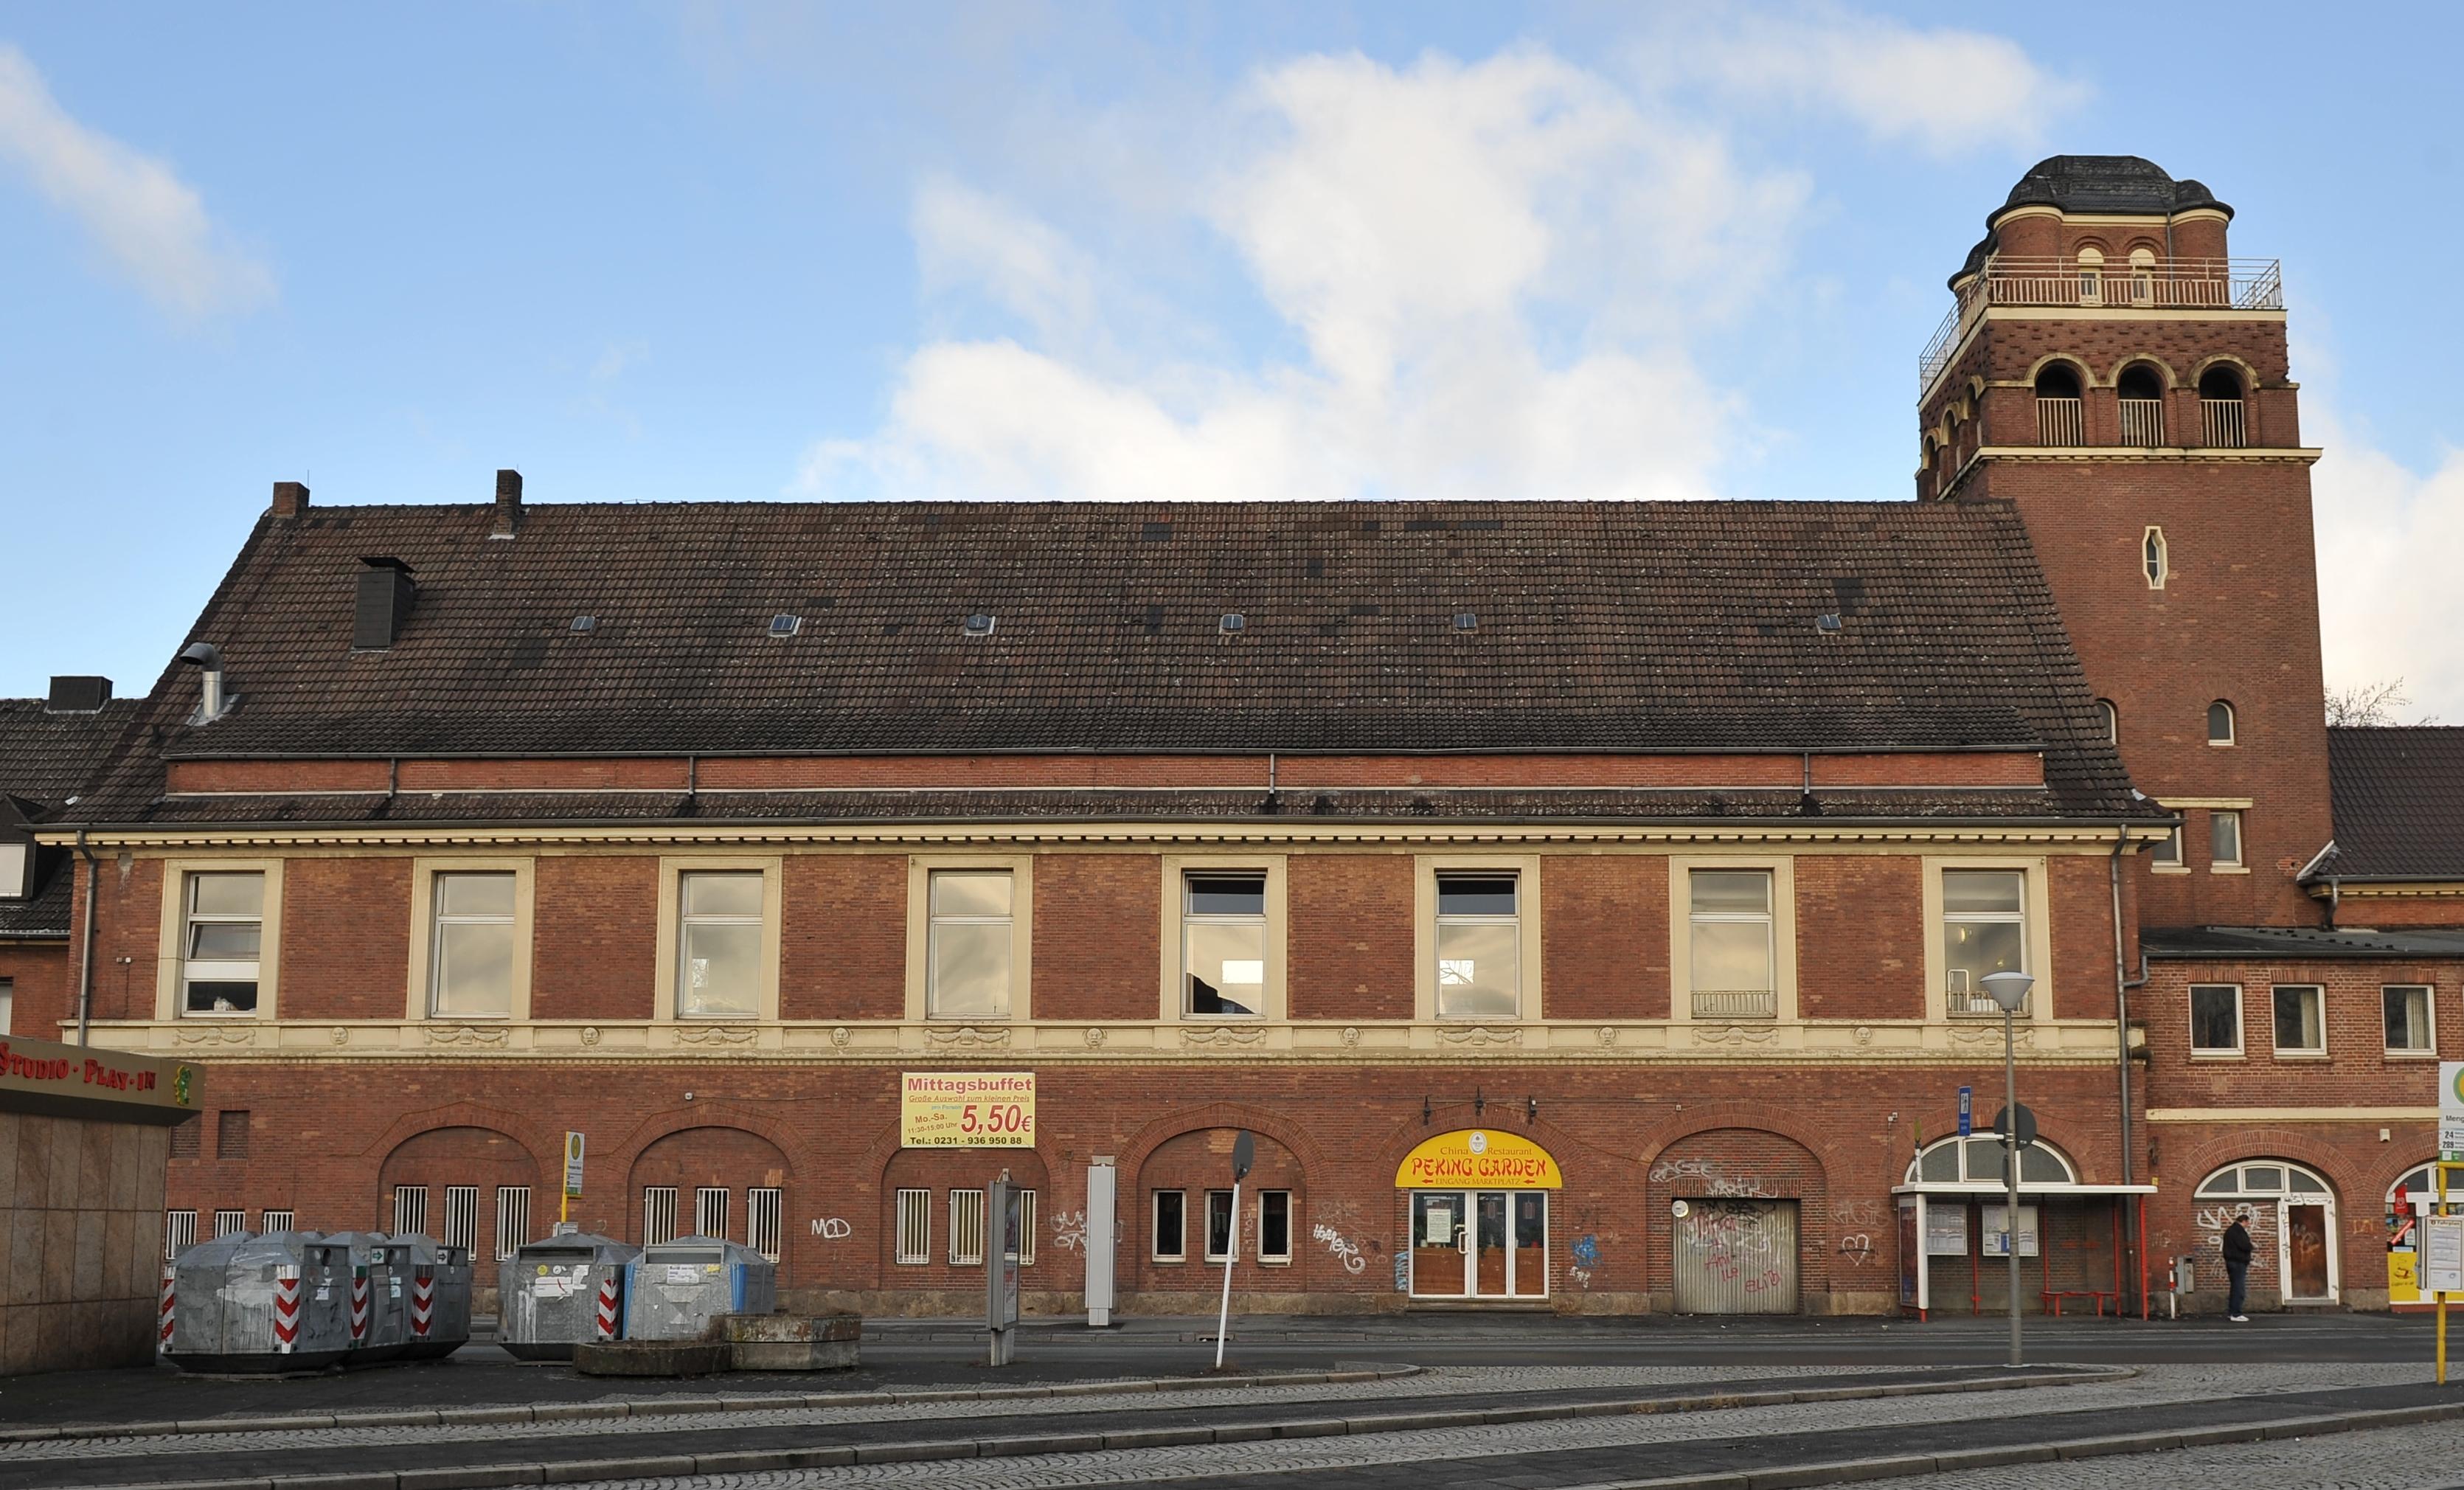 Liste der Baudenkmale im Stadtbezirk bwin aktie dividende bwin Promotion Code 2015 Dortmund-Innenstadt-West